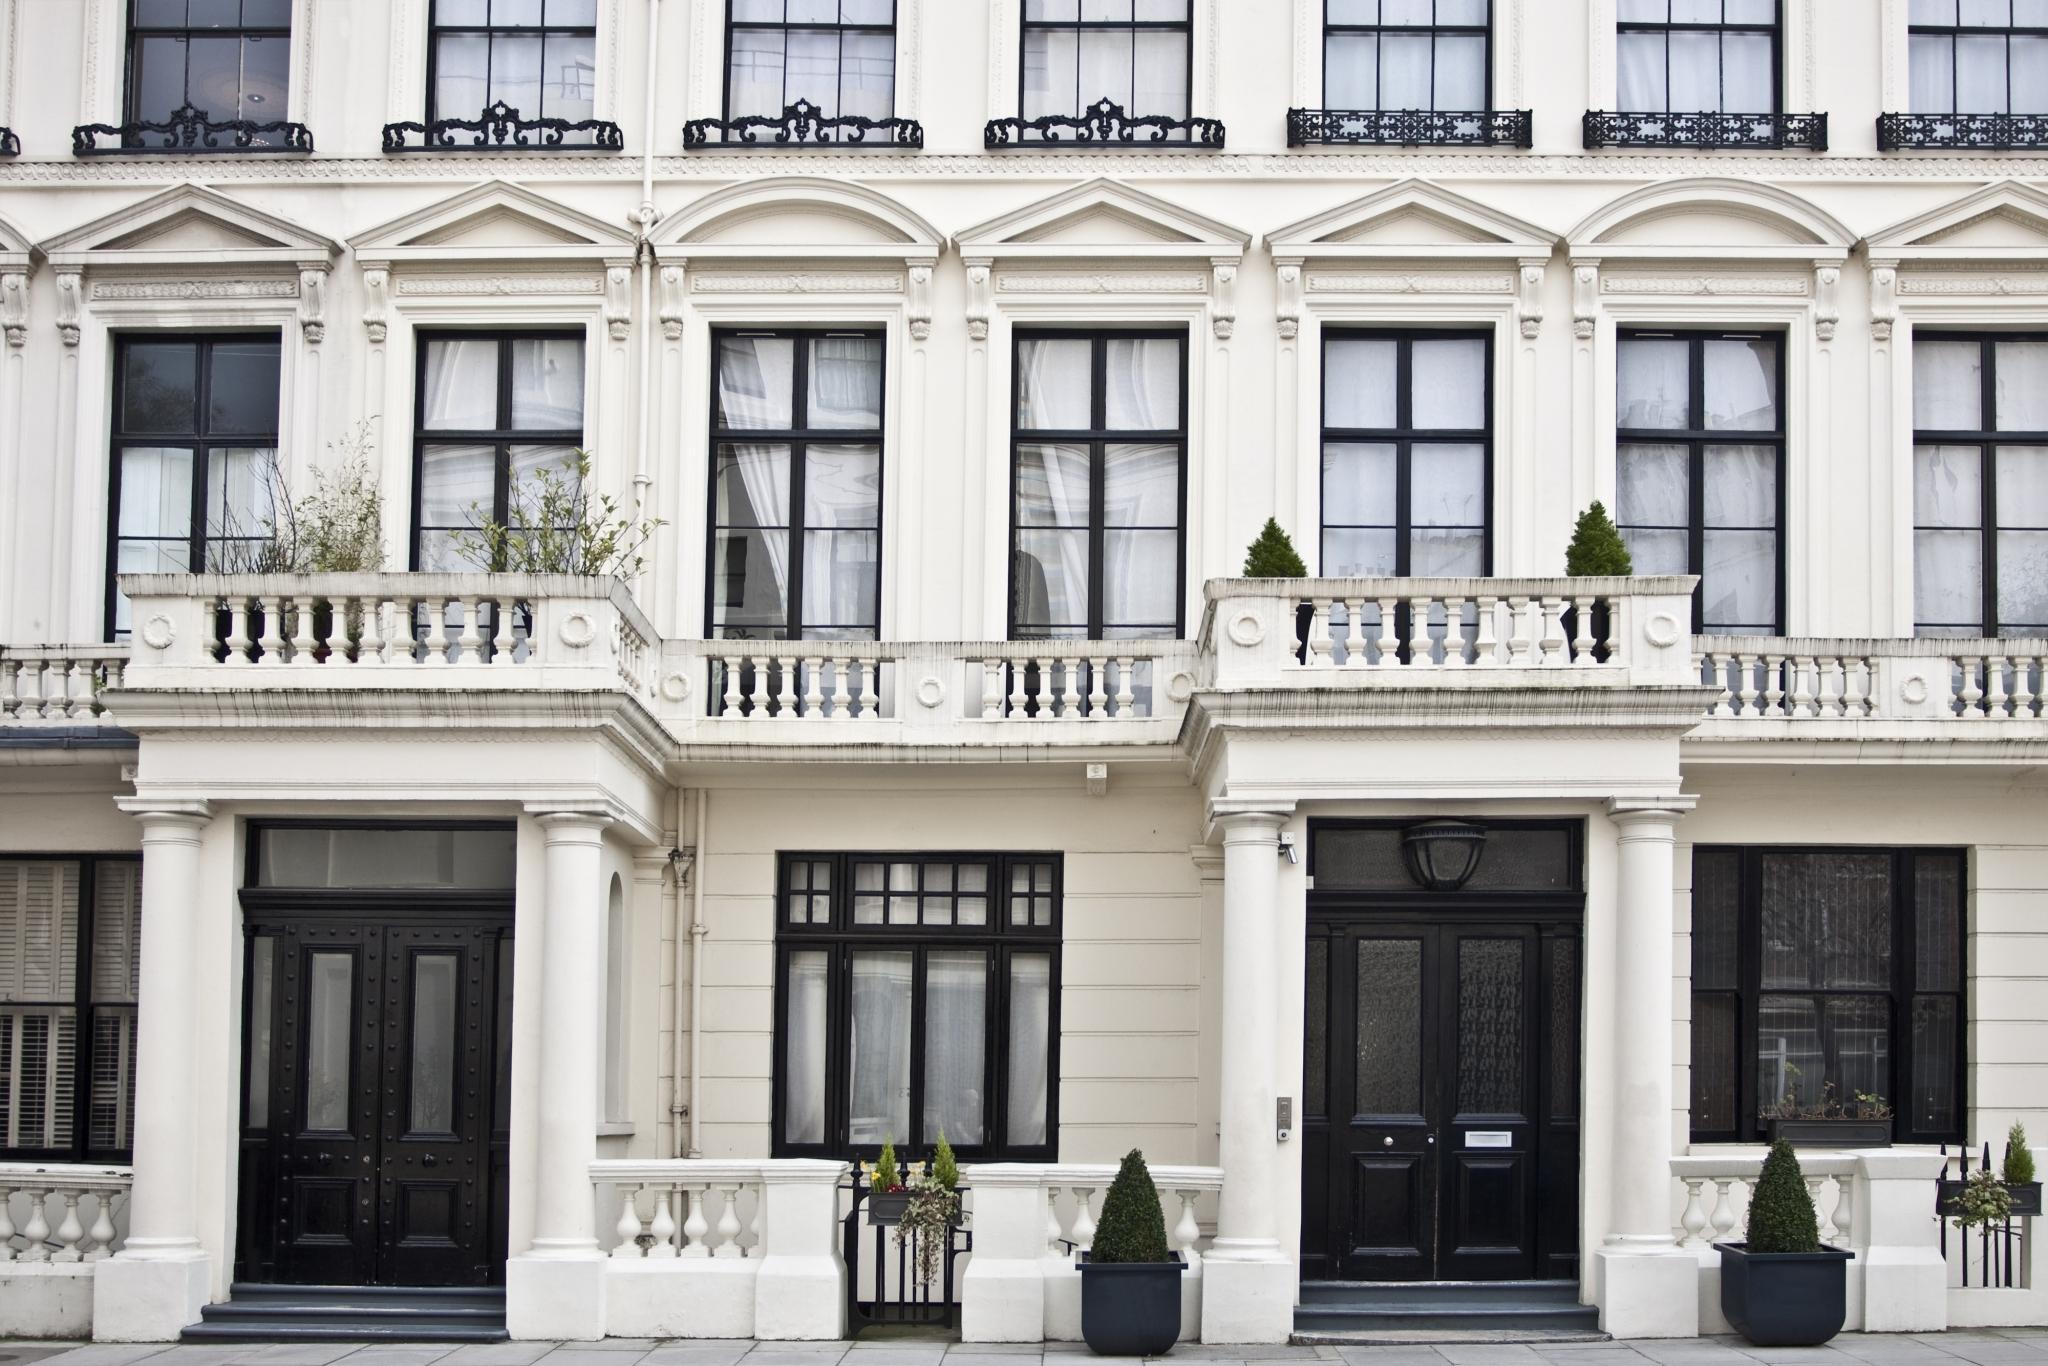 A London Property Bubble